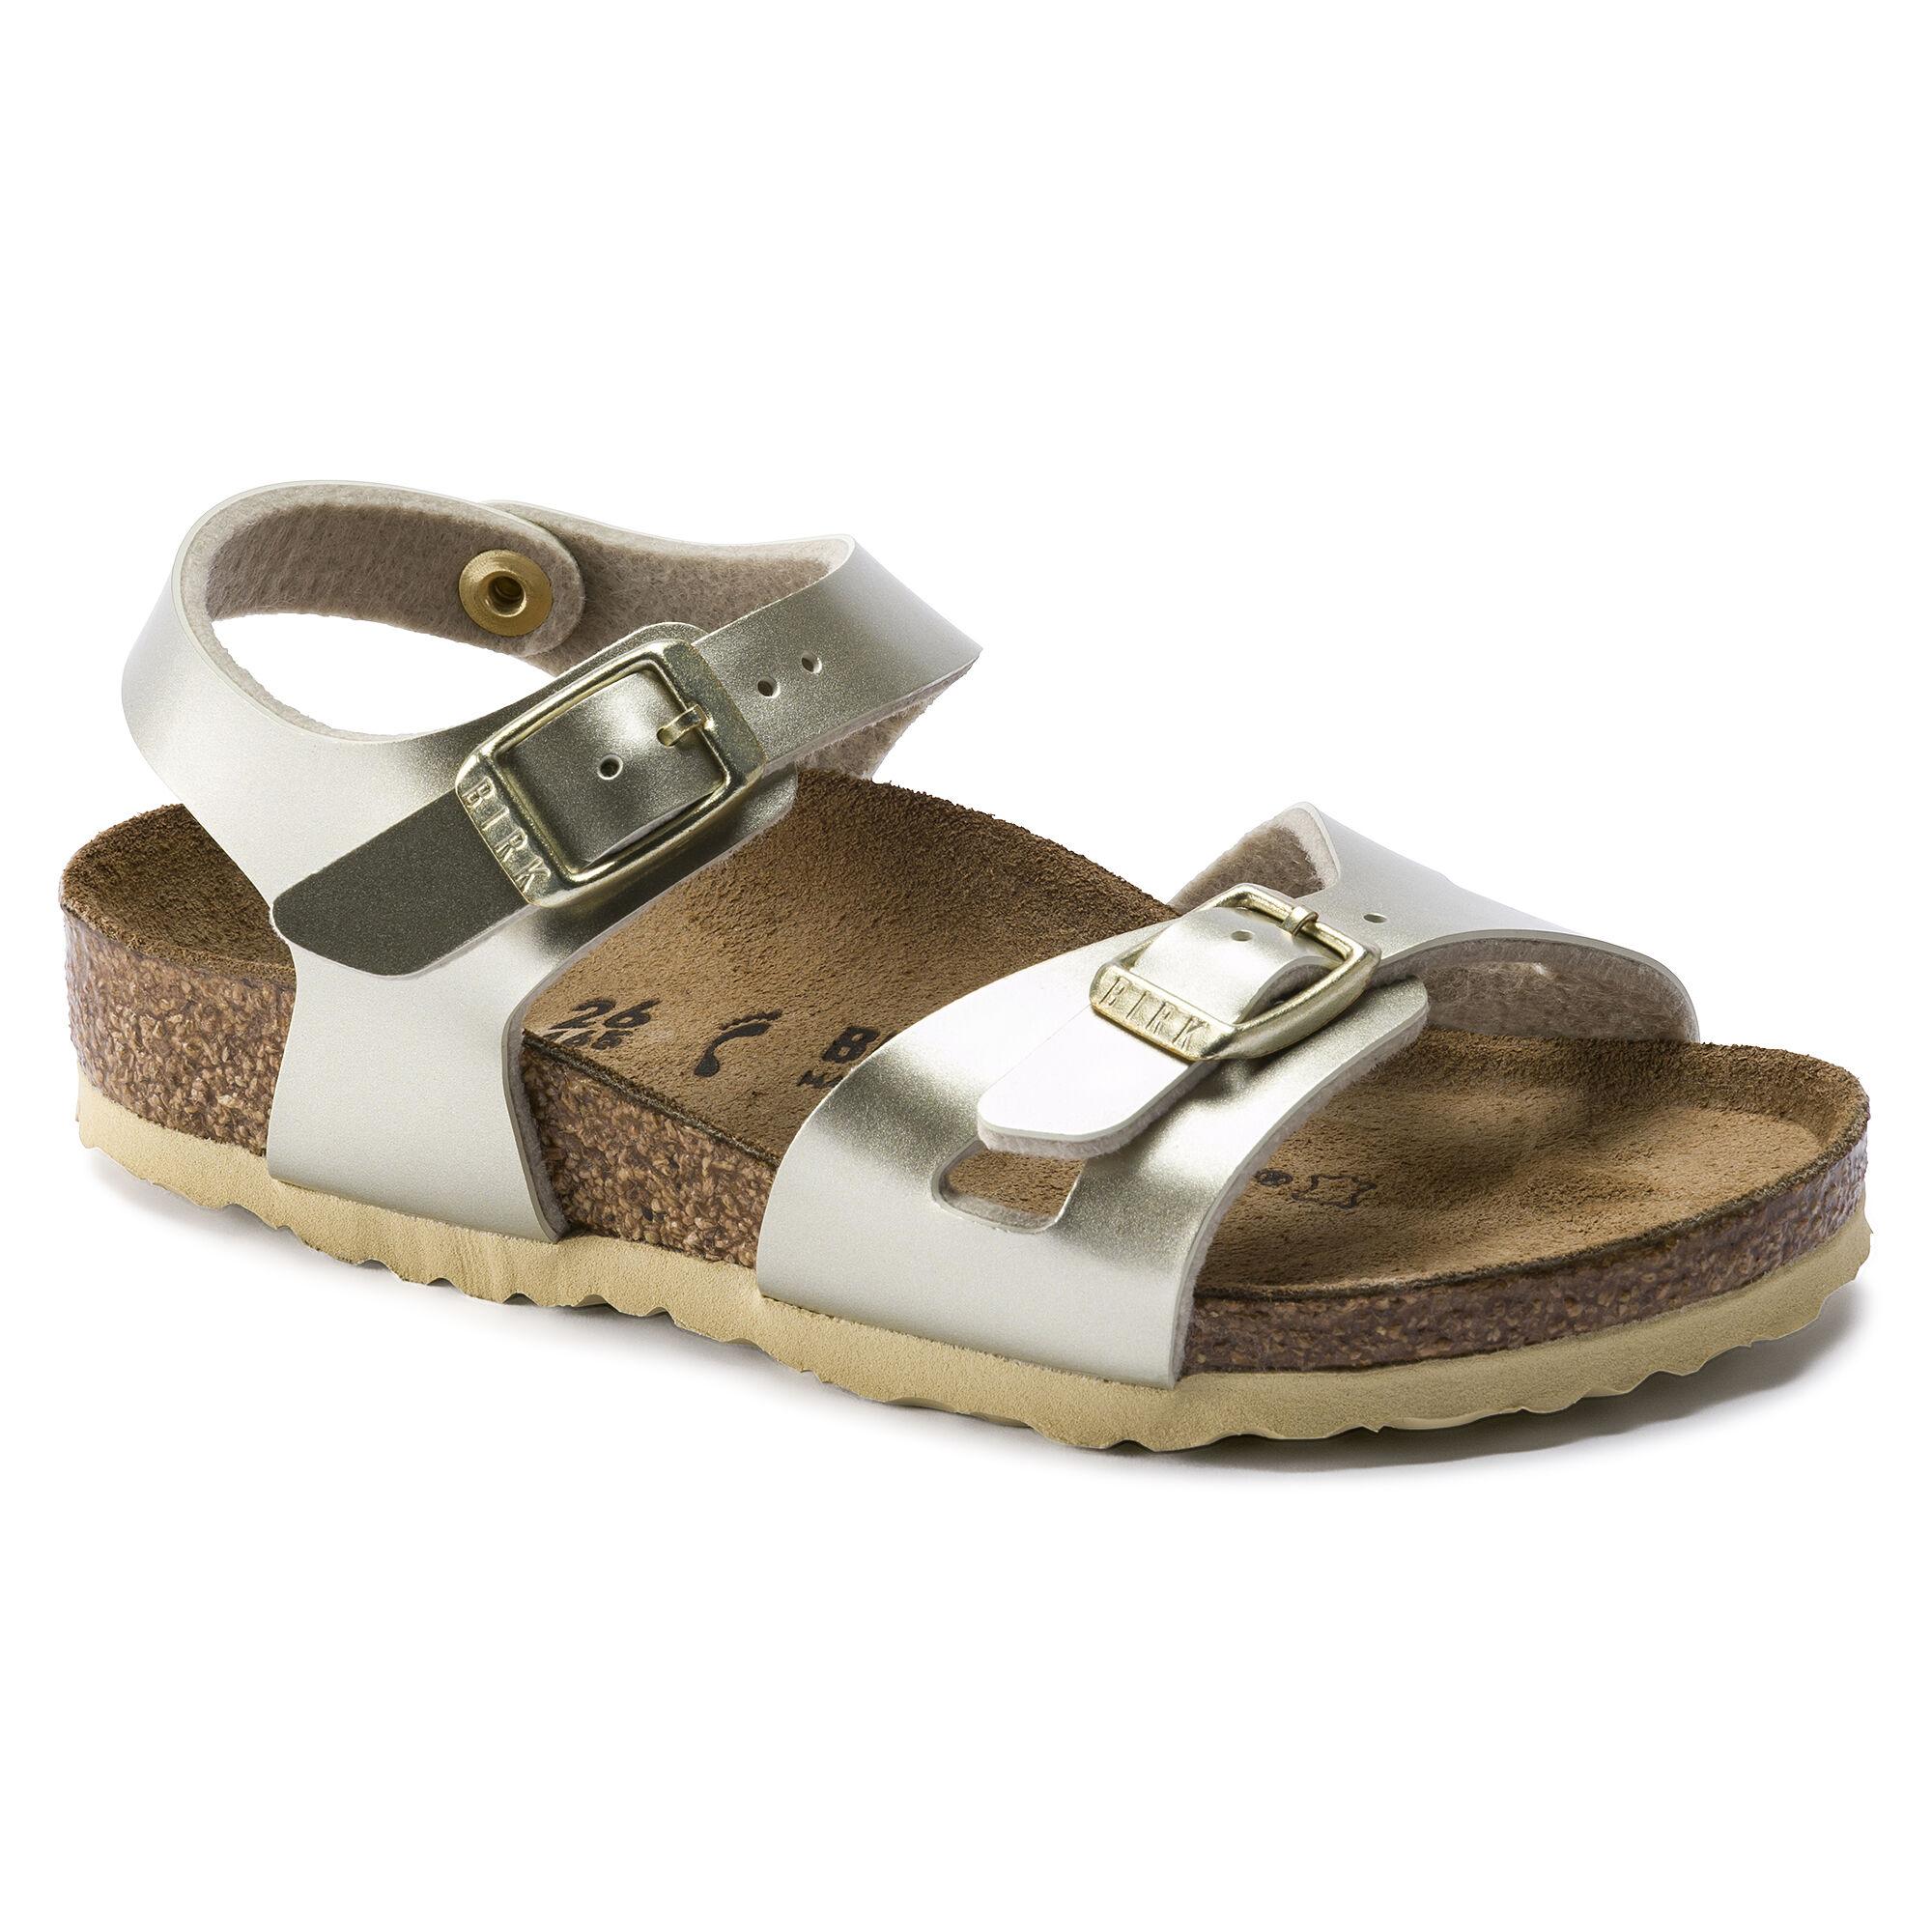 Girl's sandals | buy online at BIRKENSTOCK